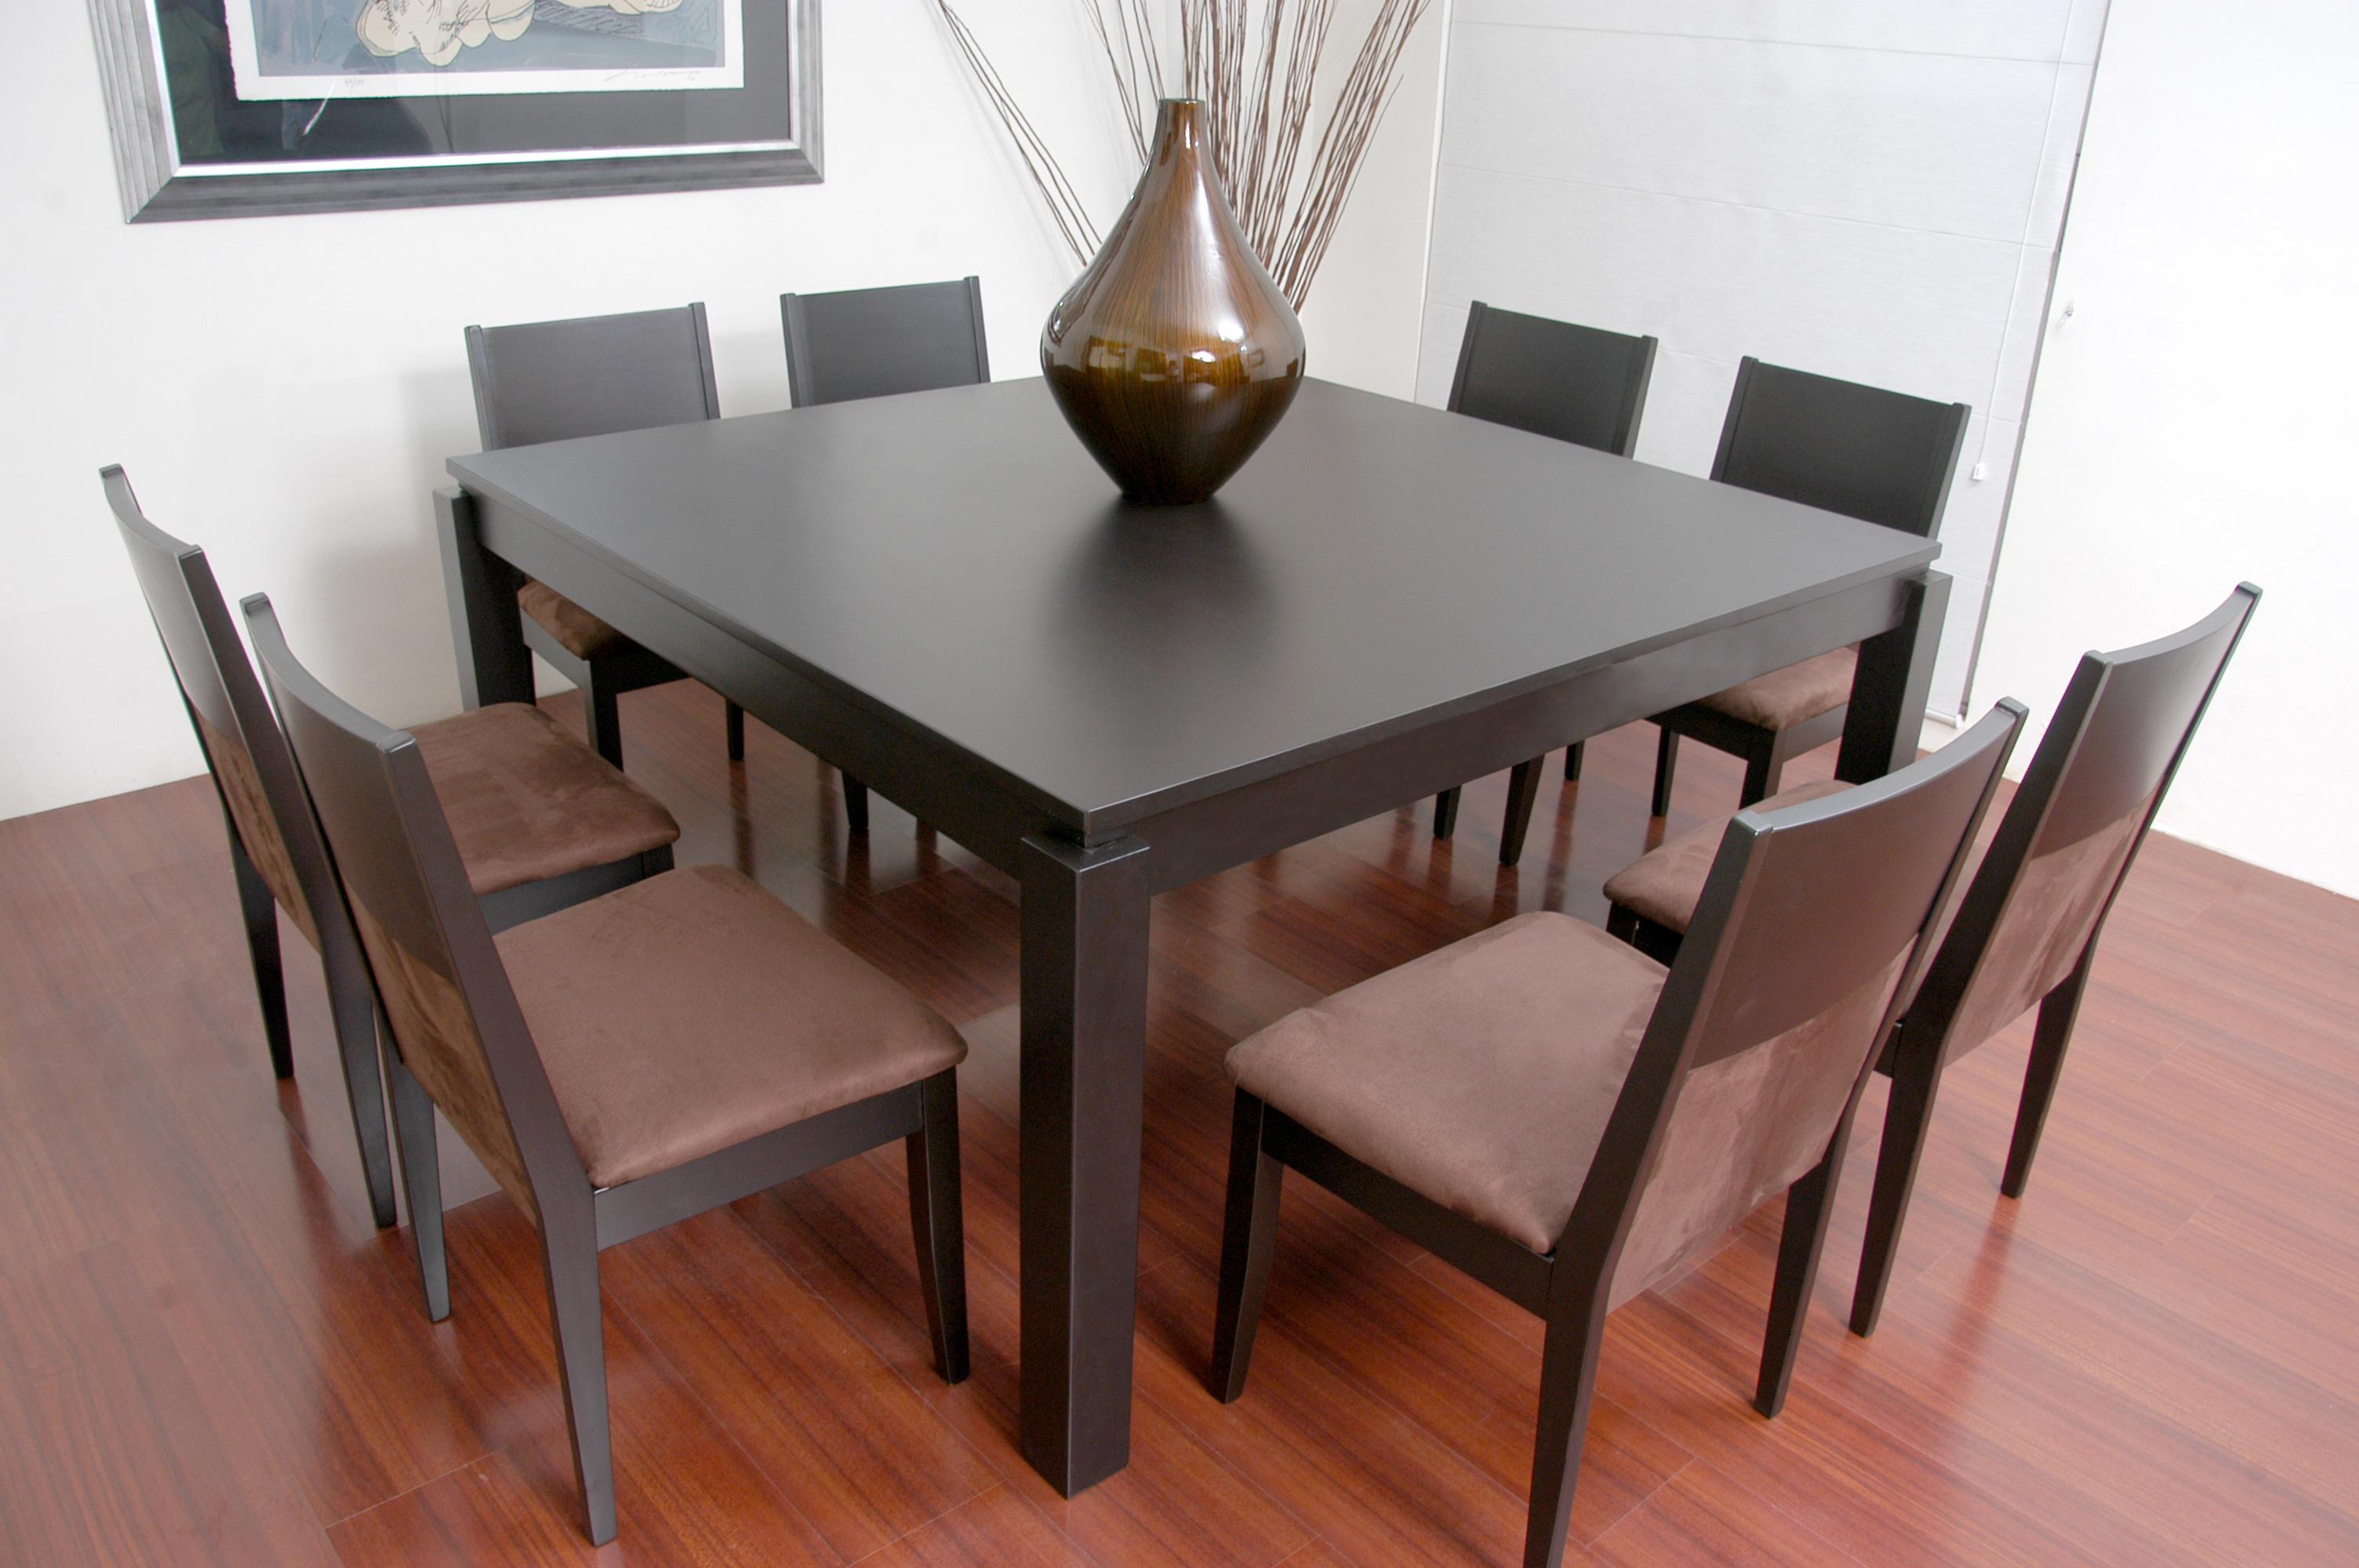 Antecomedor siena for Comedor 8 sillas usado